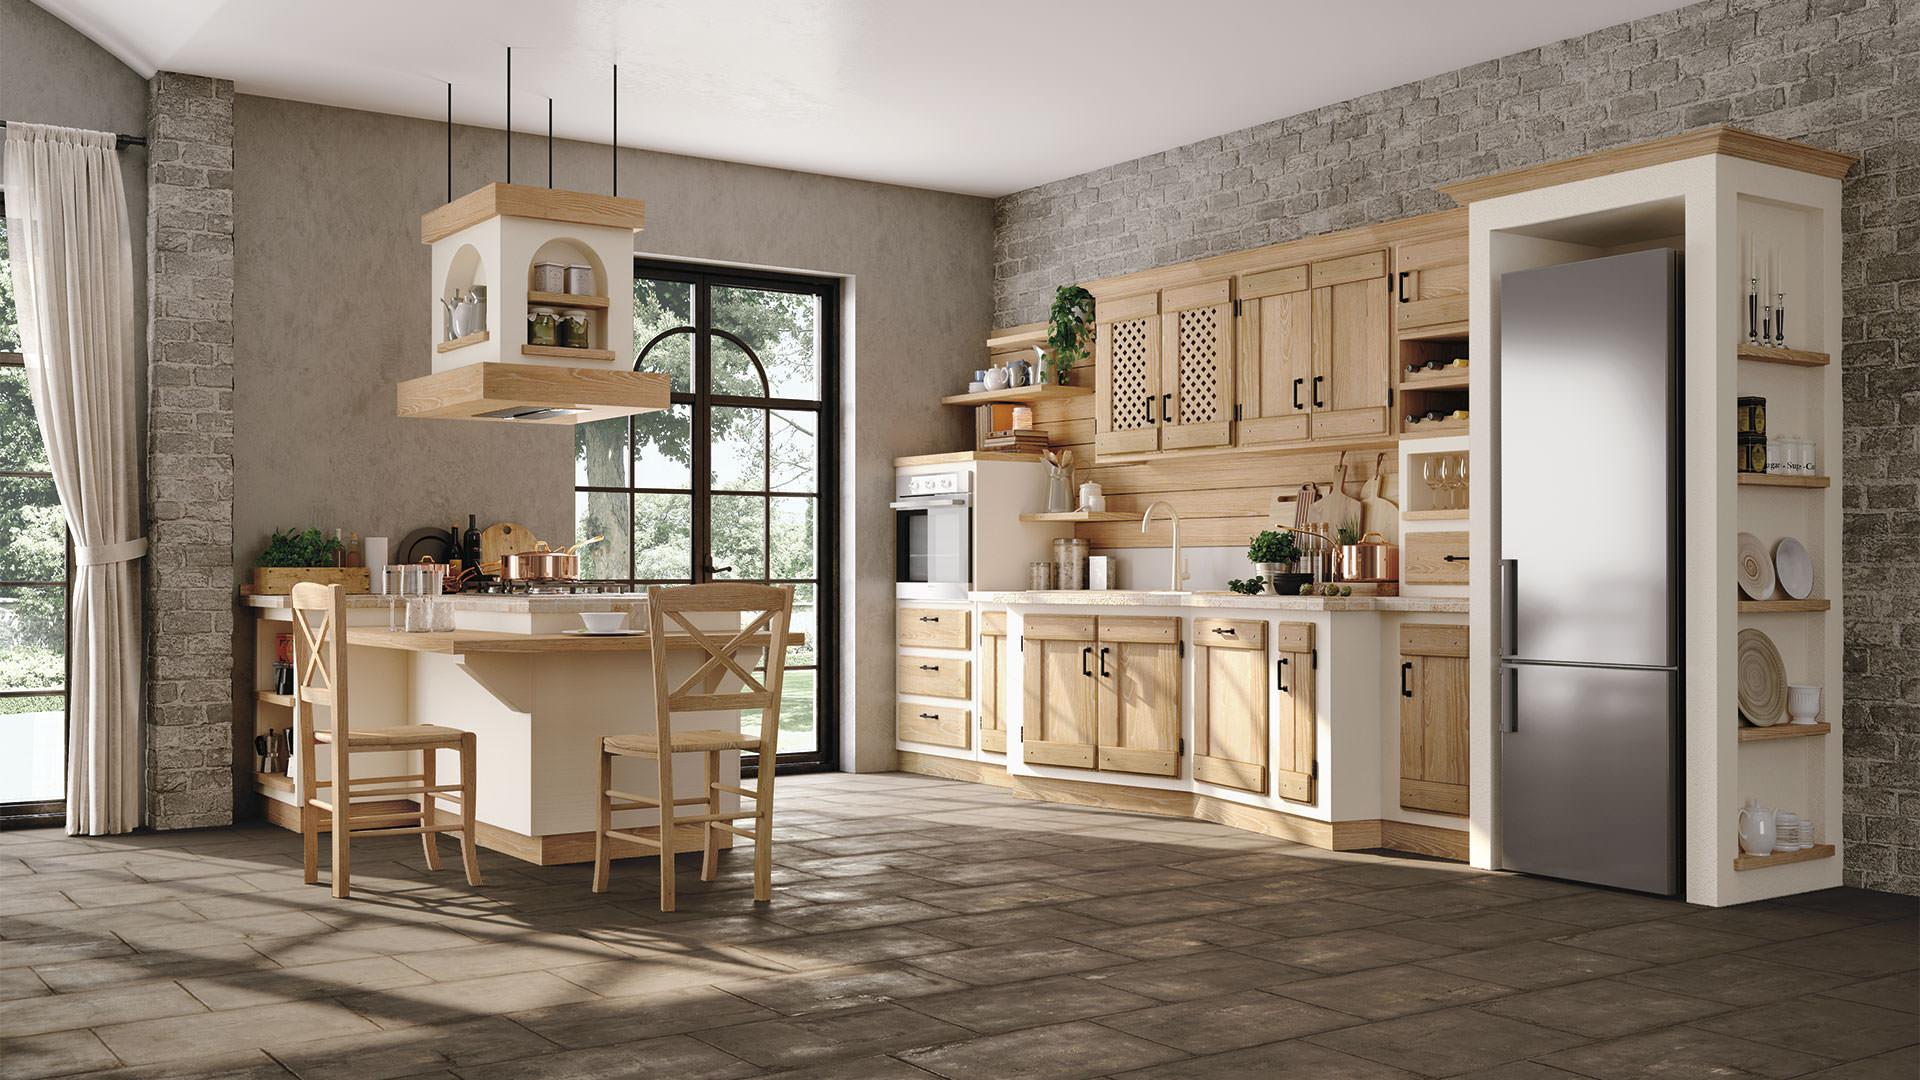 Cucine contemporanee LUBE - collezione \'Borgo Antico\' - i sapori e i ...